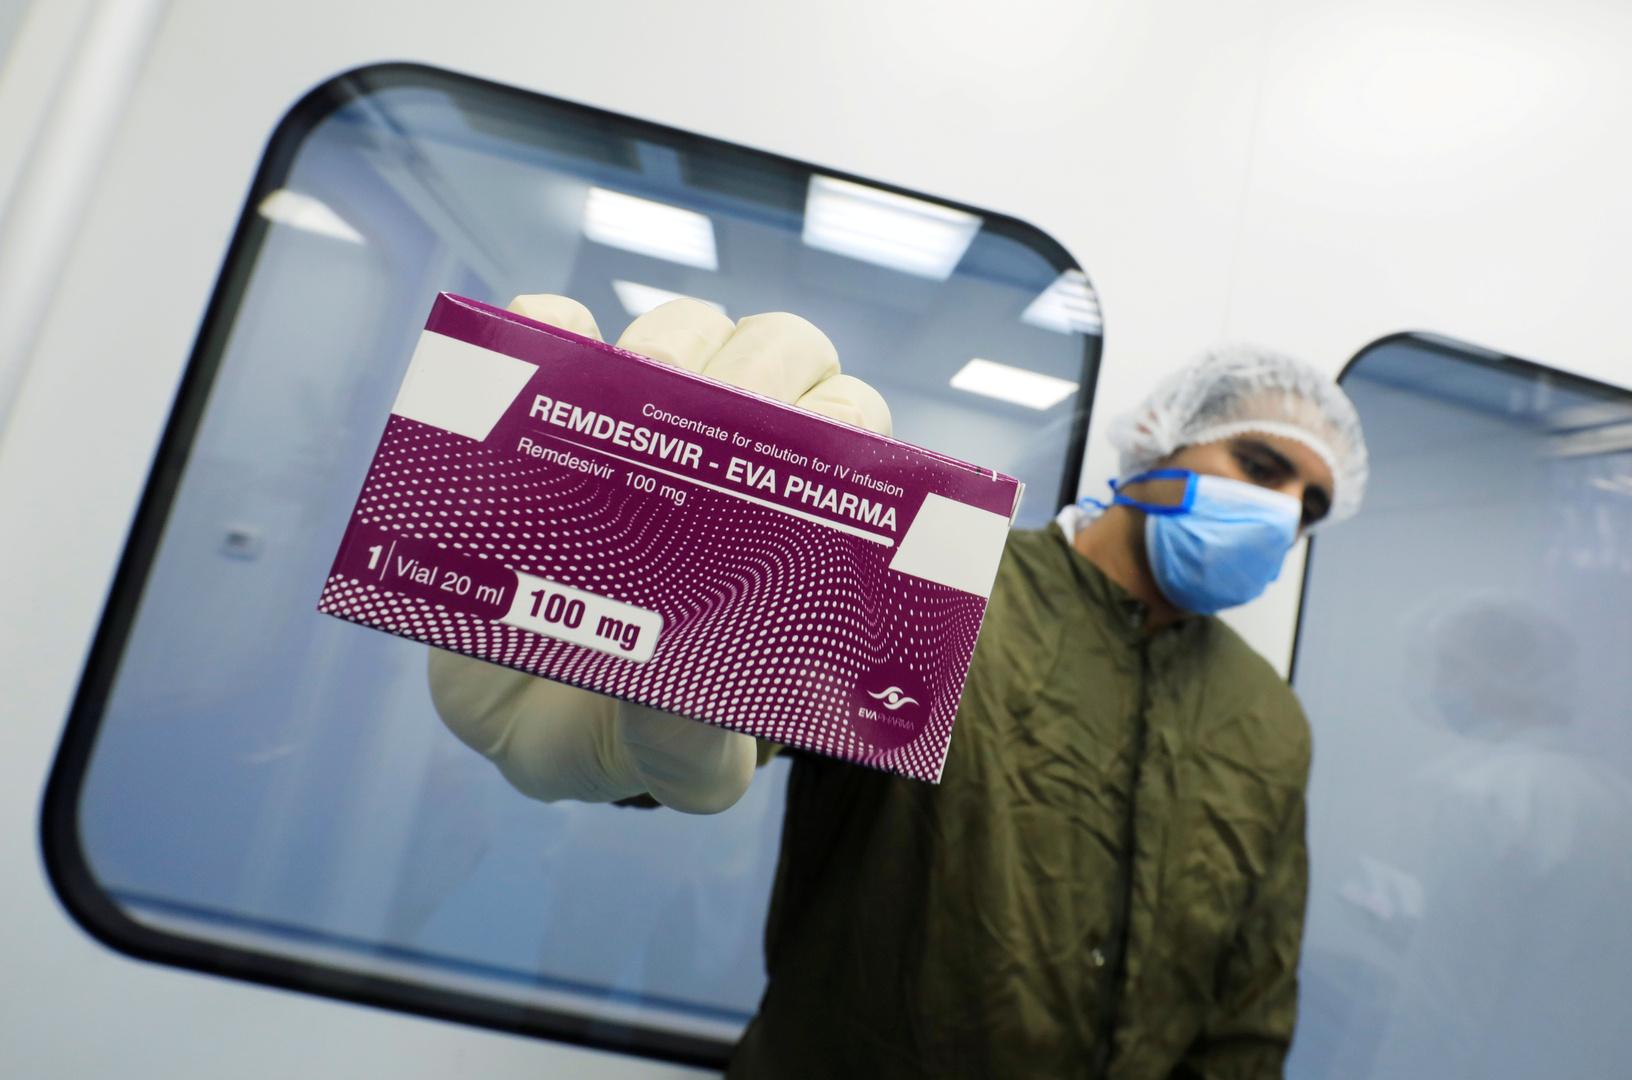 بعد استعمال ريمديسيفير.. تحسن صحة واحد من كل 3 مرضى بكورونا في كوريا الجنوبية